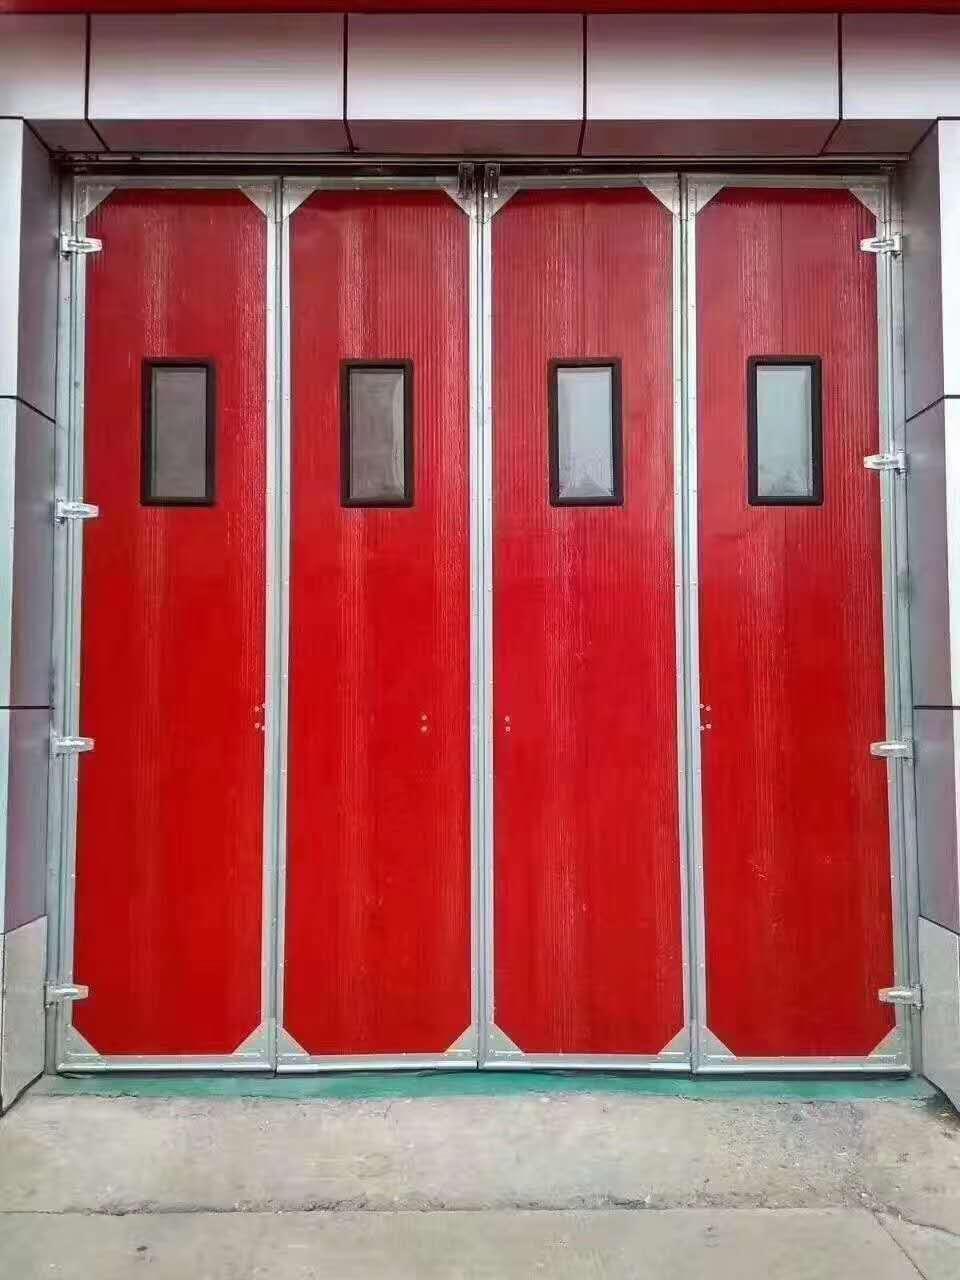 甘肃兰州折叠大门 电动折叠门 折叠大门 厂家 厂房折叠大门